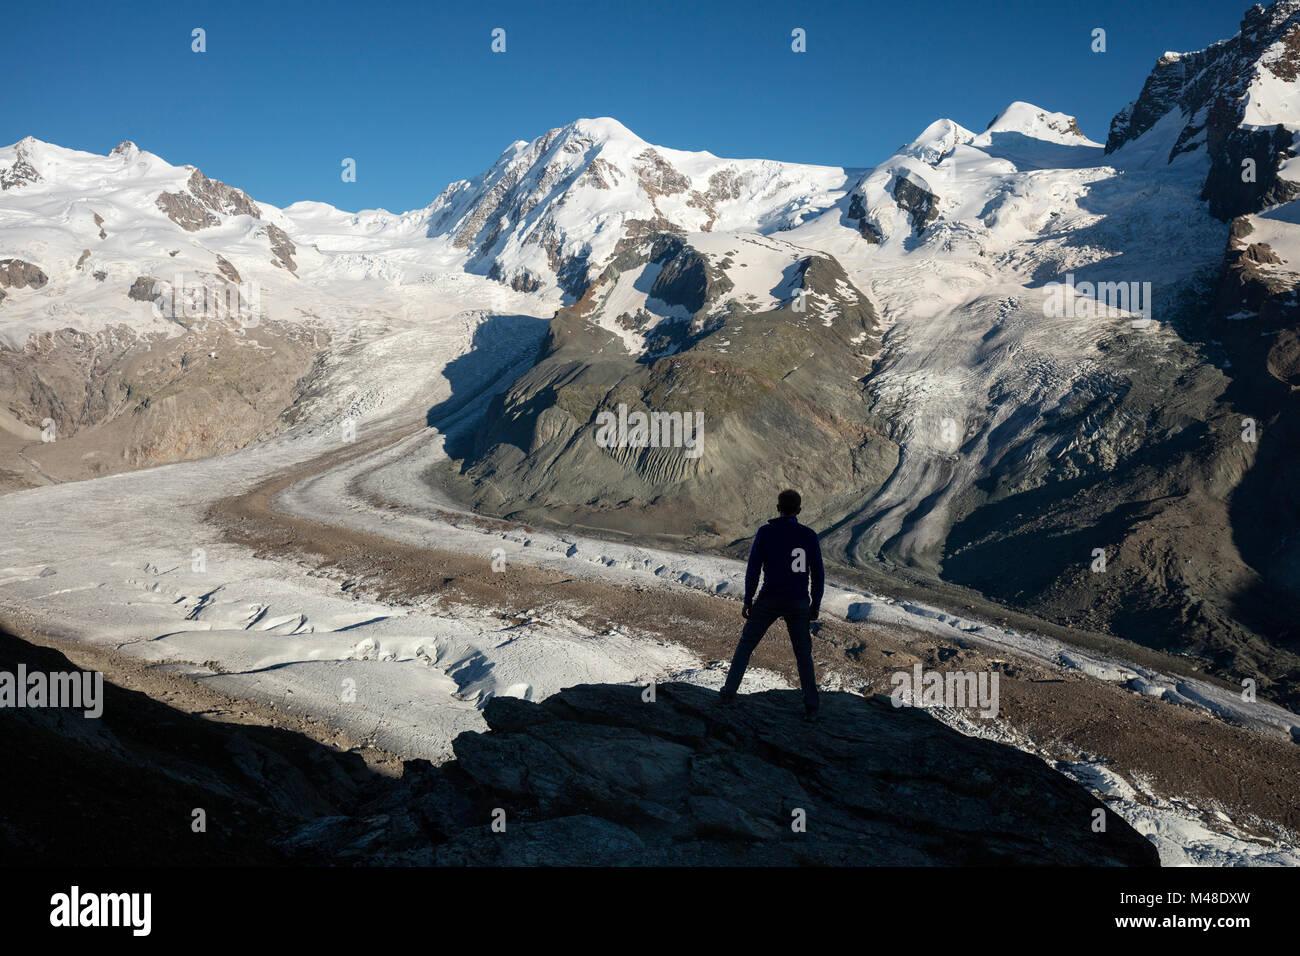 La silhouette du randonneur à côté du glacier du Gorner et Monte Rosa, Gornergrat, Zermatt, Suisse. Photo Stock